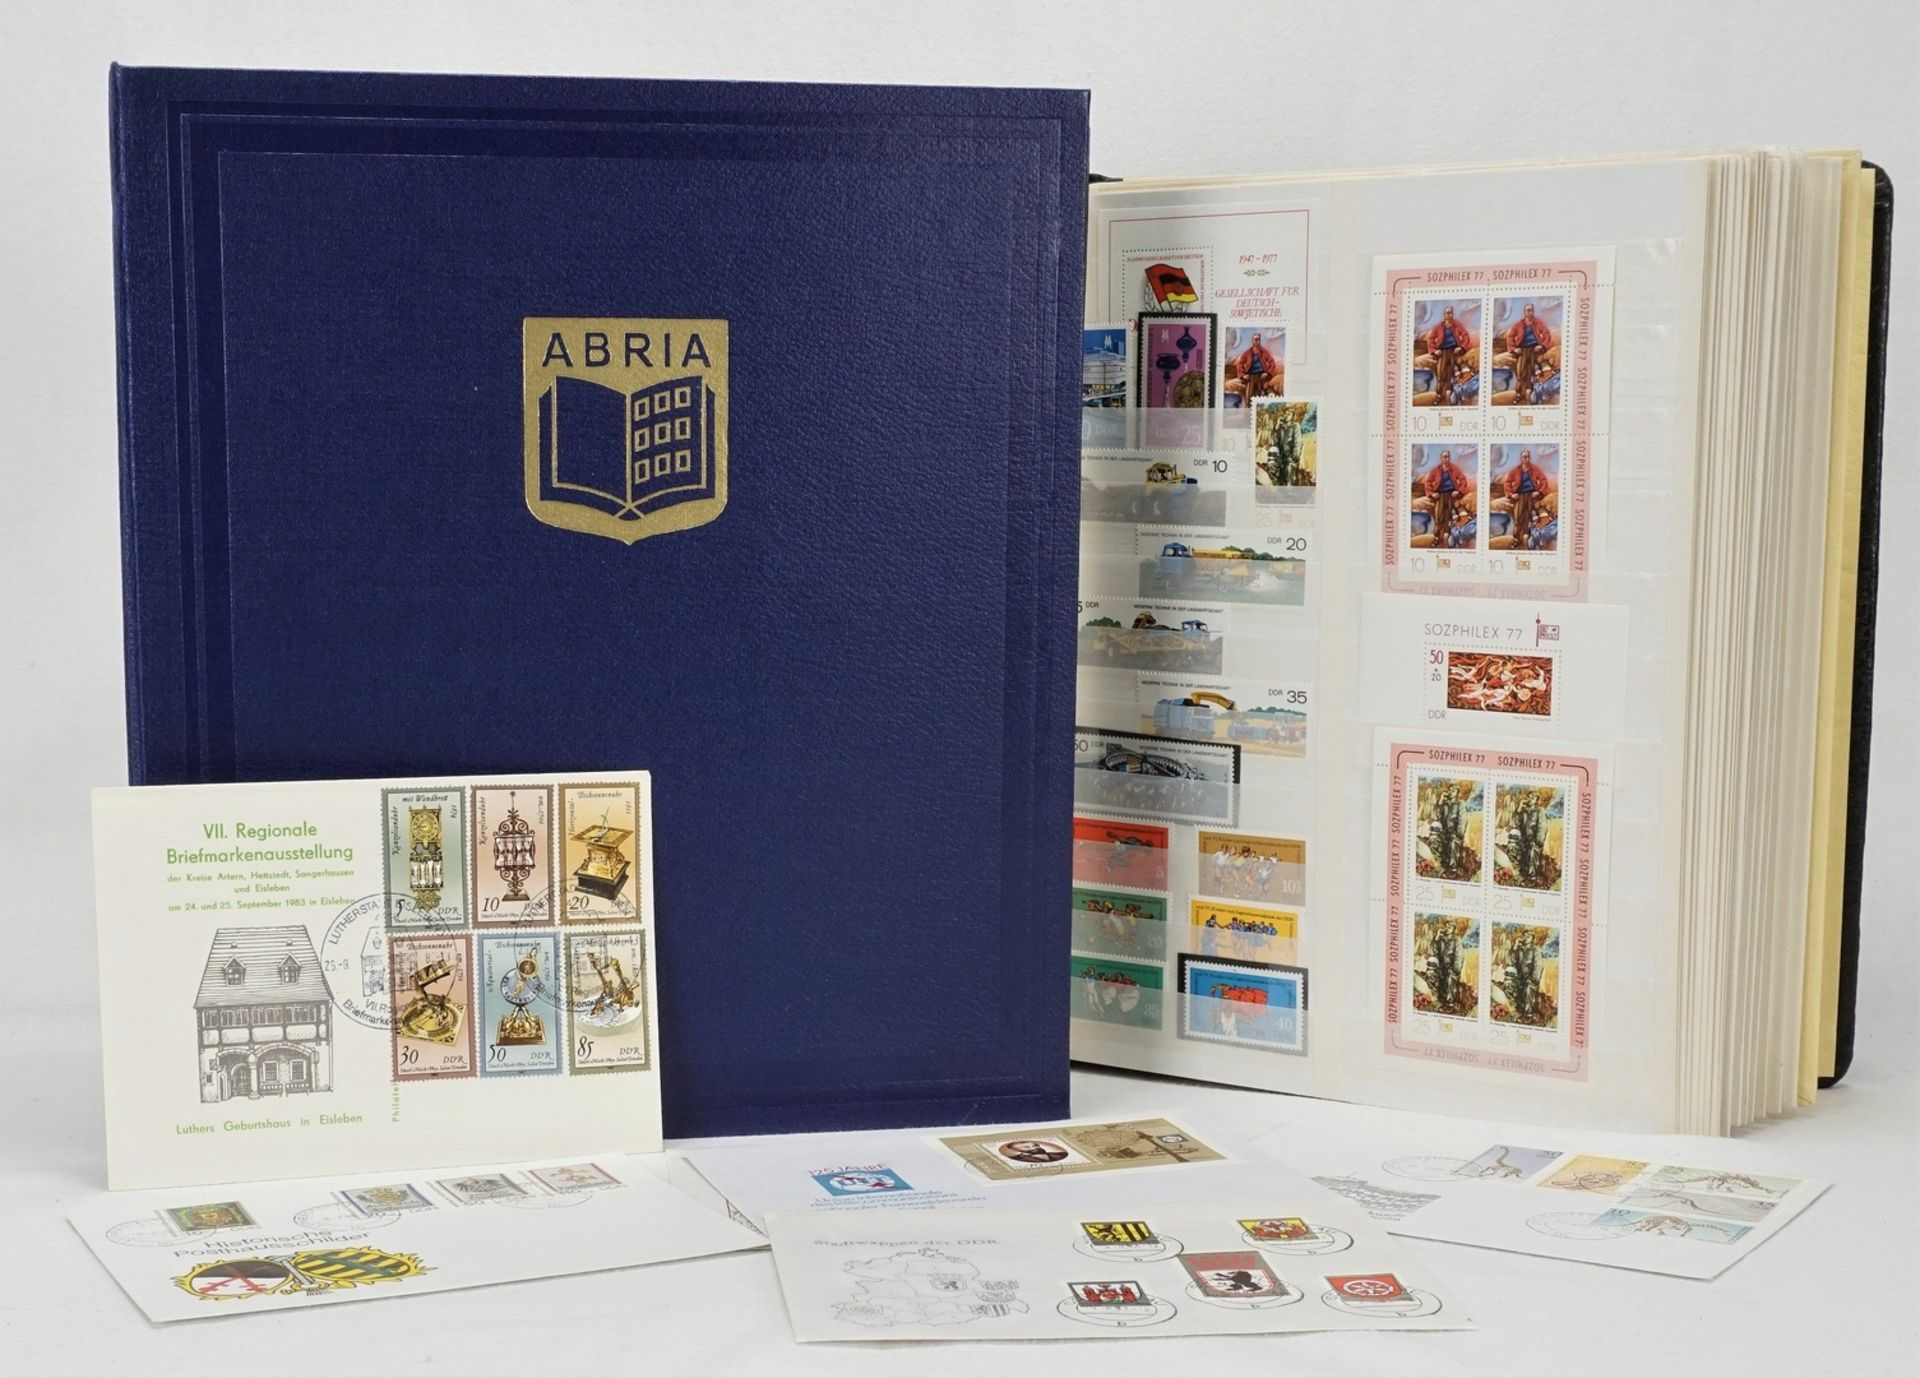 Ca. 1685 Briefmarken, Blocks und Ersttagsbriefe (FDCs), DDR